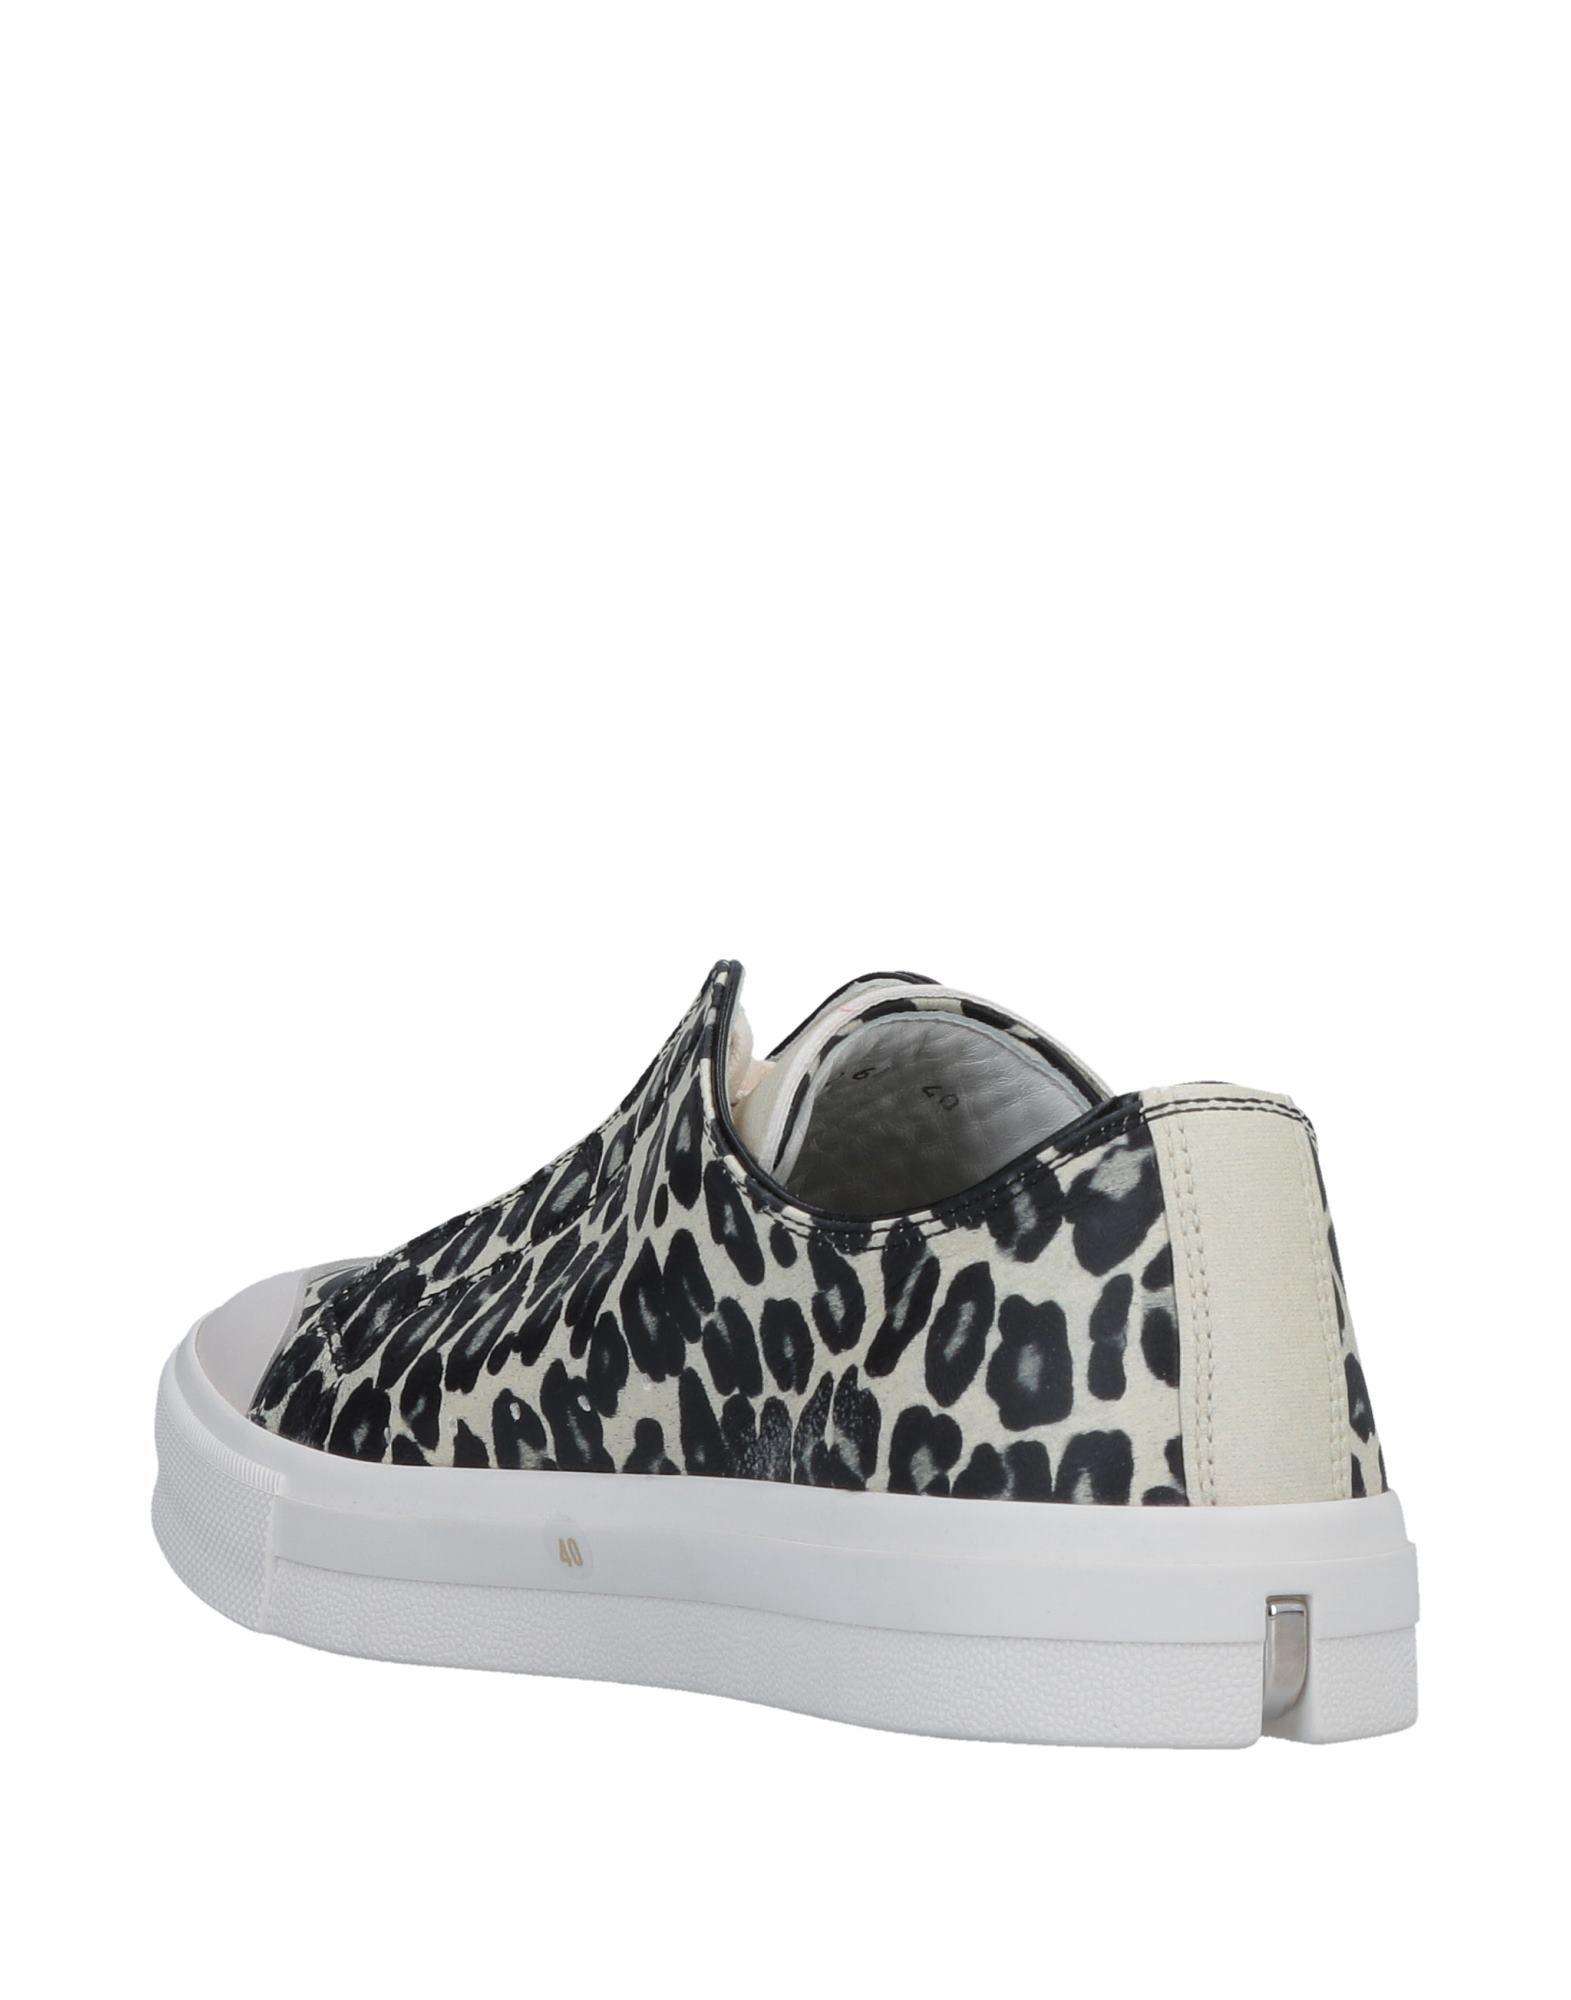 Alexander Mcqueen Sneakers Qualität Herren  11505151RD Gute Qualität Sneakers beliebte Schuhe 82dba9